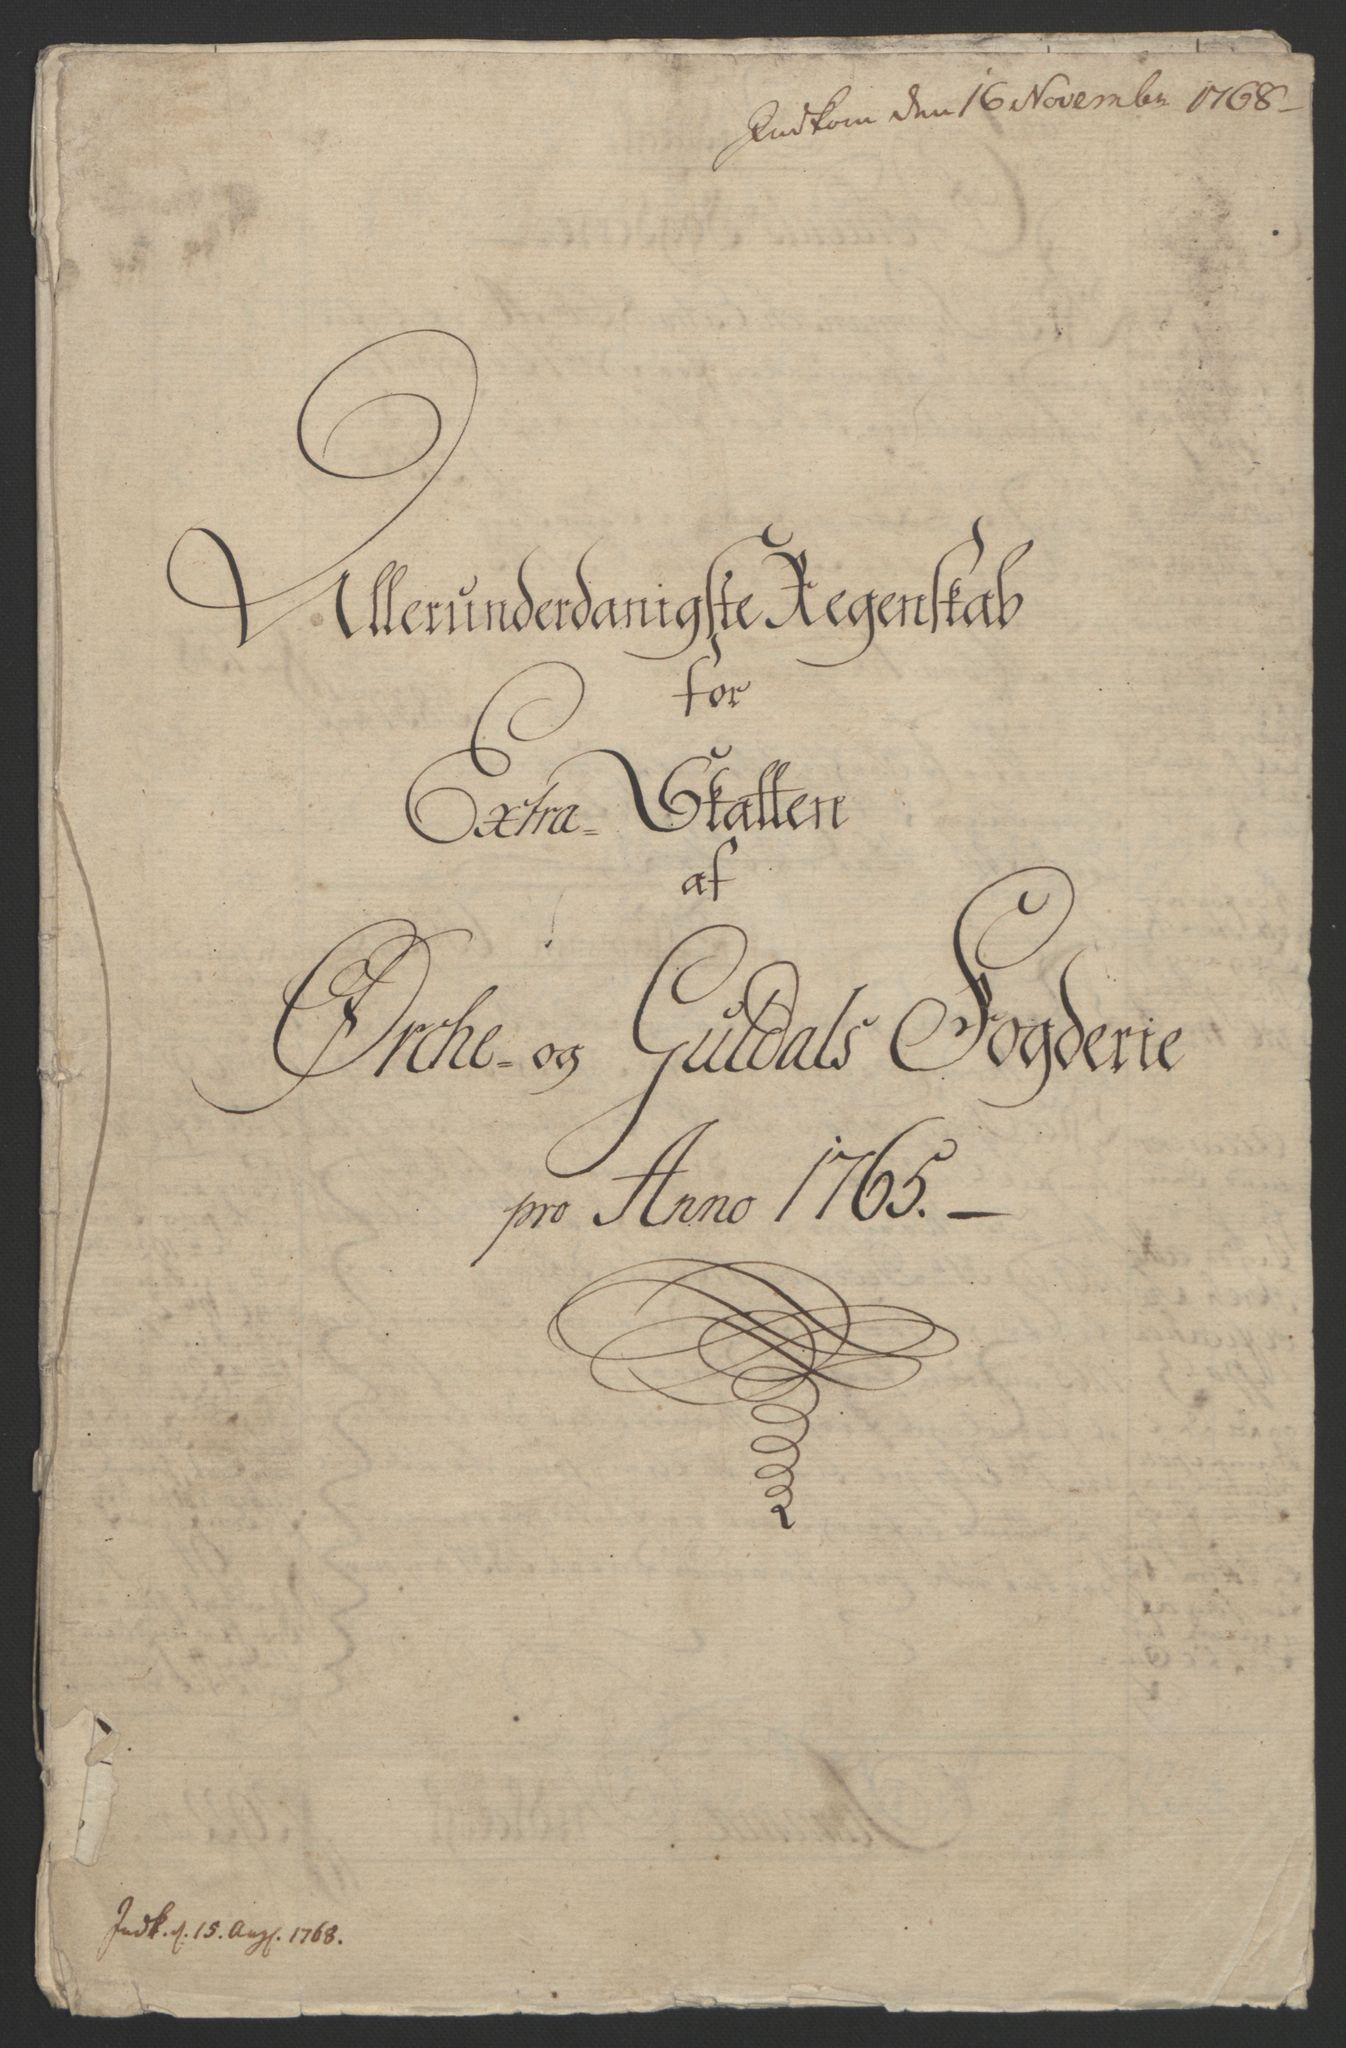 RA, Rentekammeret inntil 1814, Reviderte regnskaper, Fogderegnskap, R60/L4094: Ekstraskatten Orkdal og Gauldal, 1762-1765, s. 221